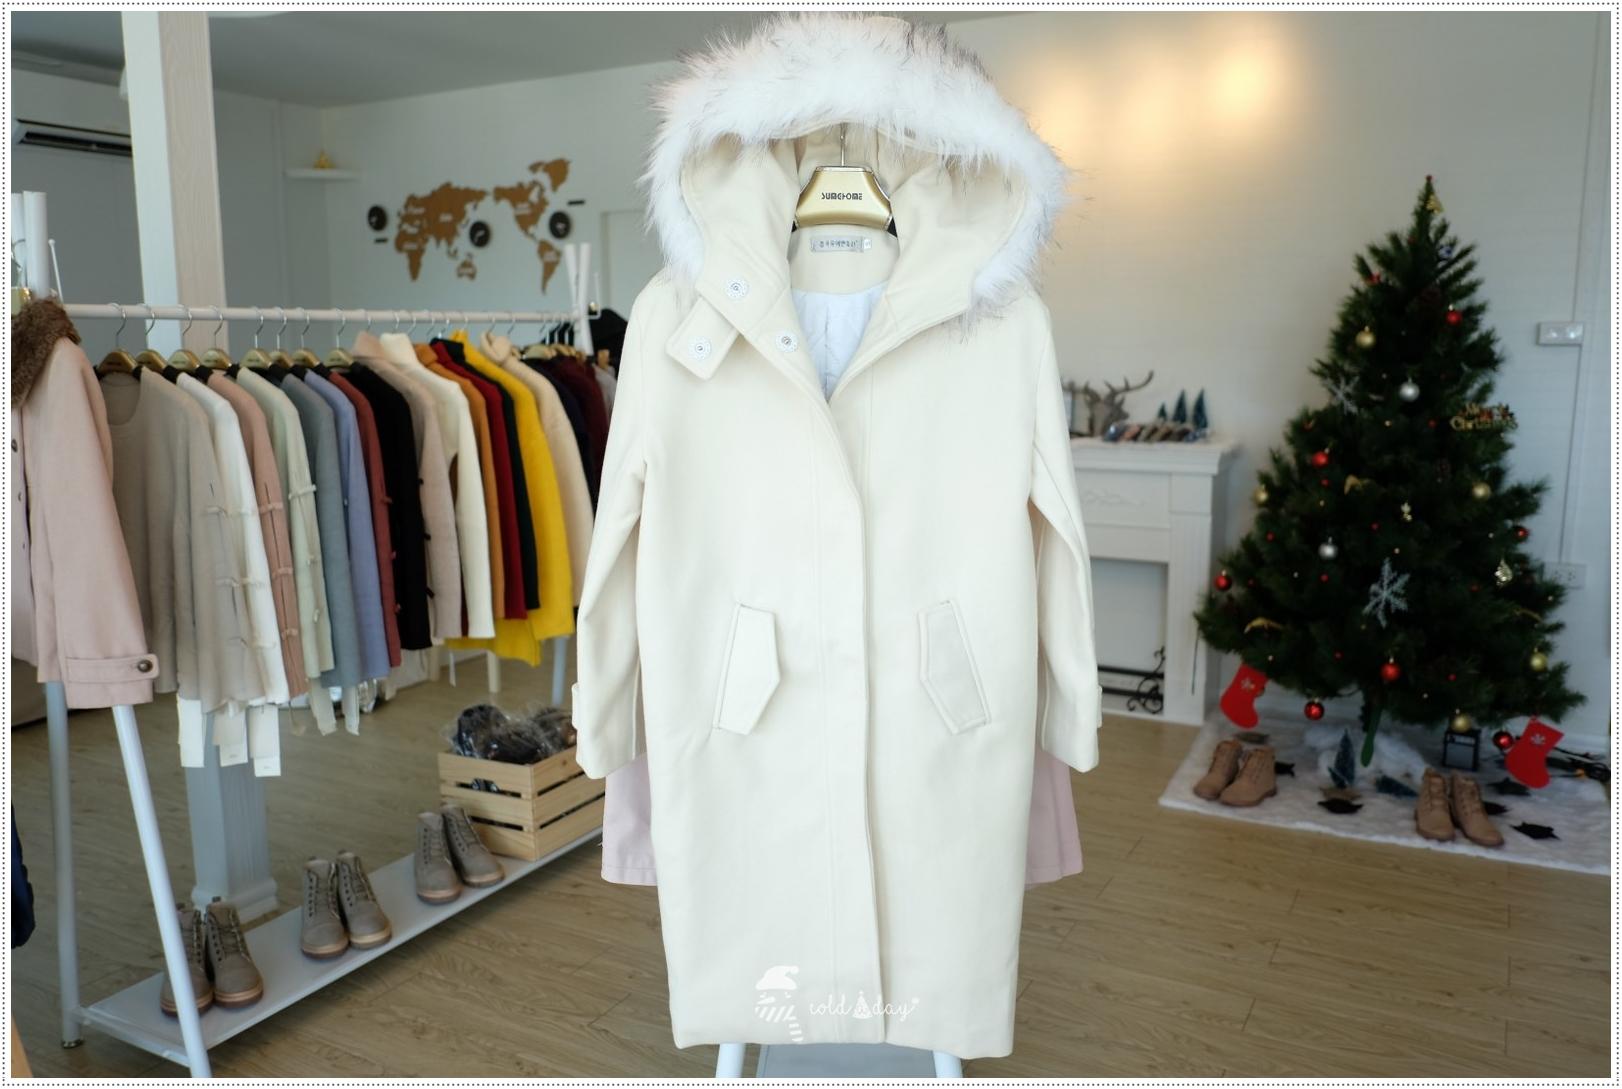 เช่าเสื้อกันหนาว เช่าโค้ท เช่าเสื้อโค้ท เช่าเสื้อกันหนาว เสื้อโค้ท coats ชลบุรี